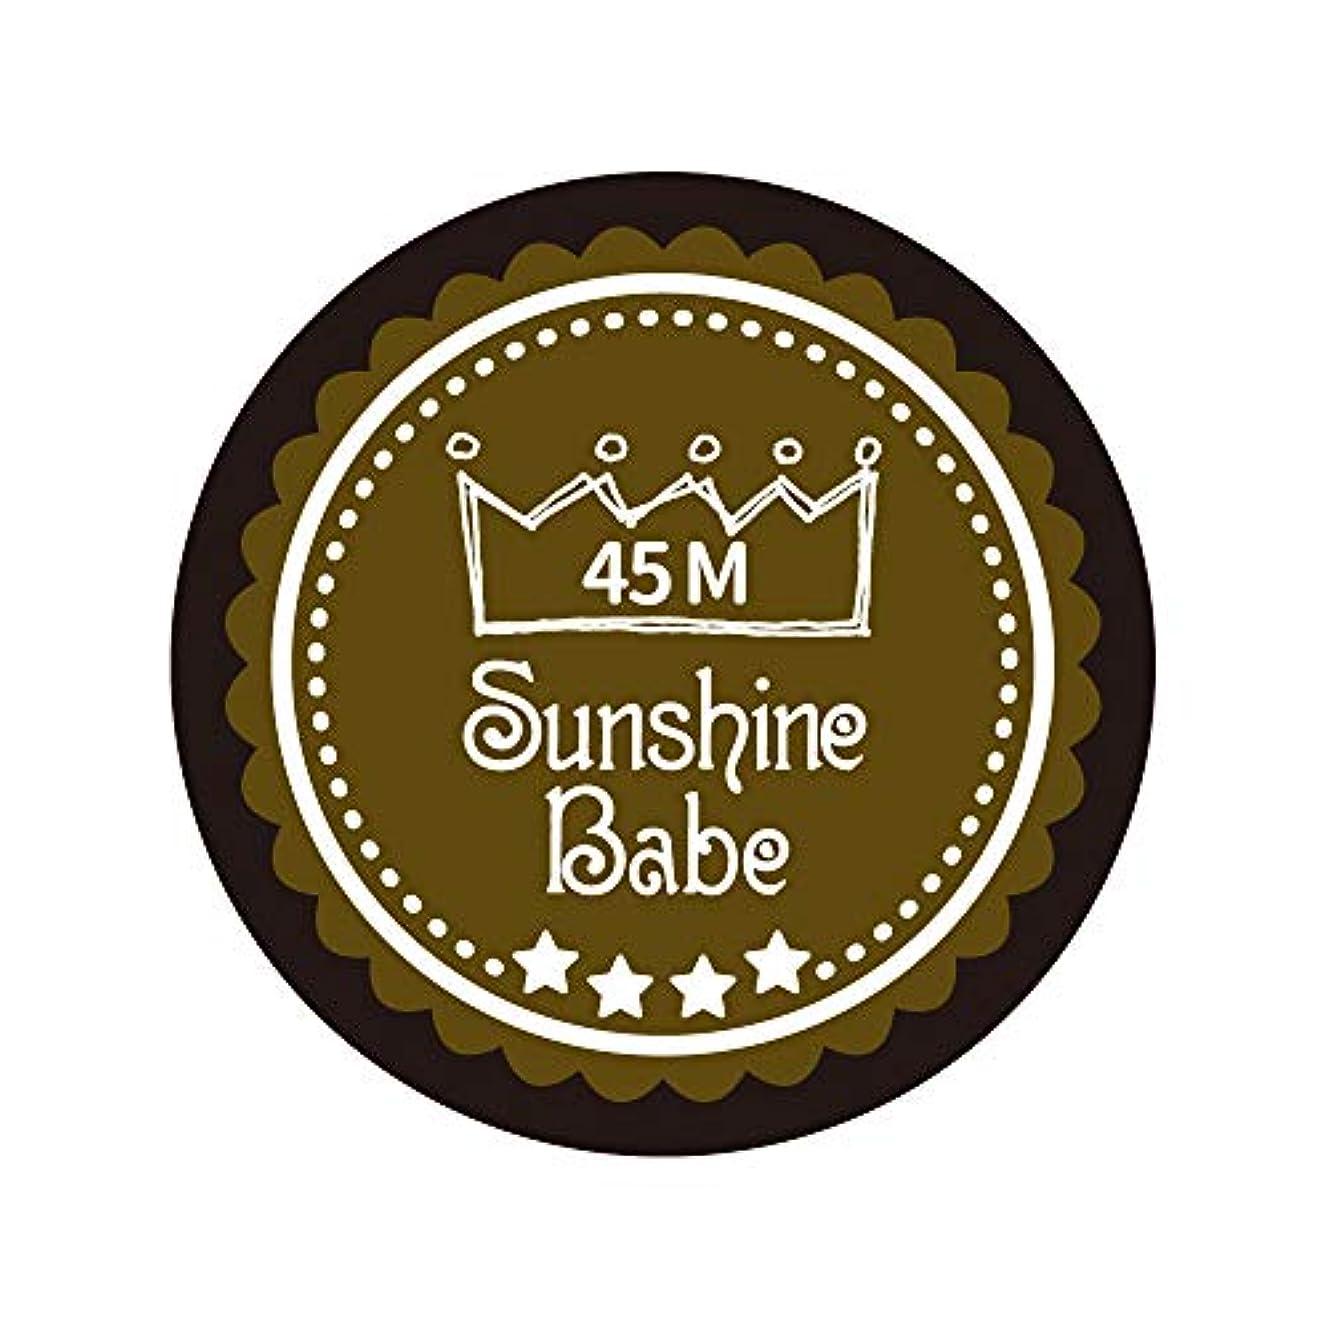 進化演じるおSunshine Babe カラージェル 45M マティーニオリーブ 2.7g UV/LED対応